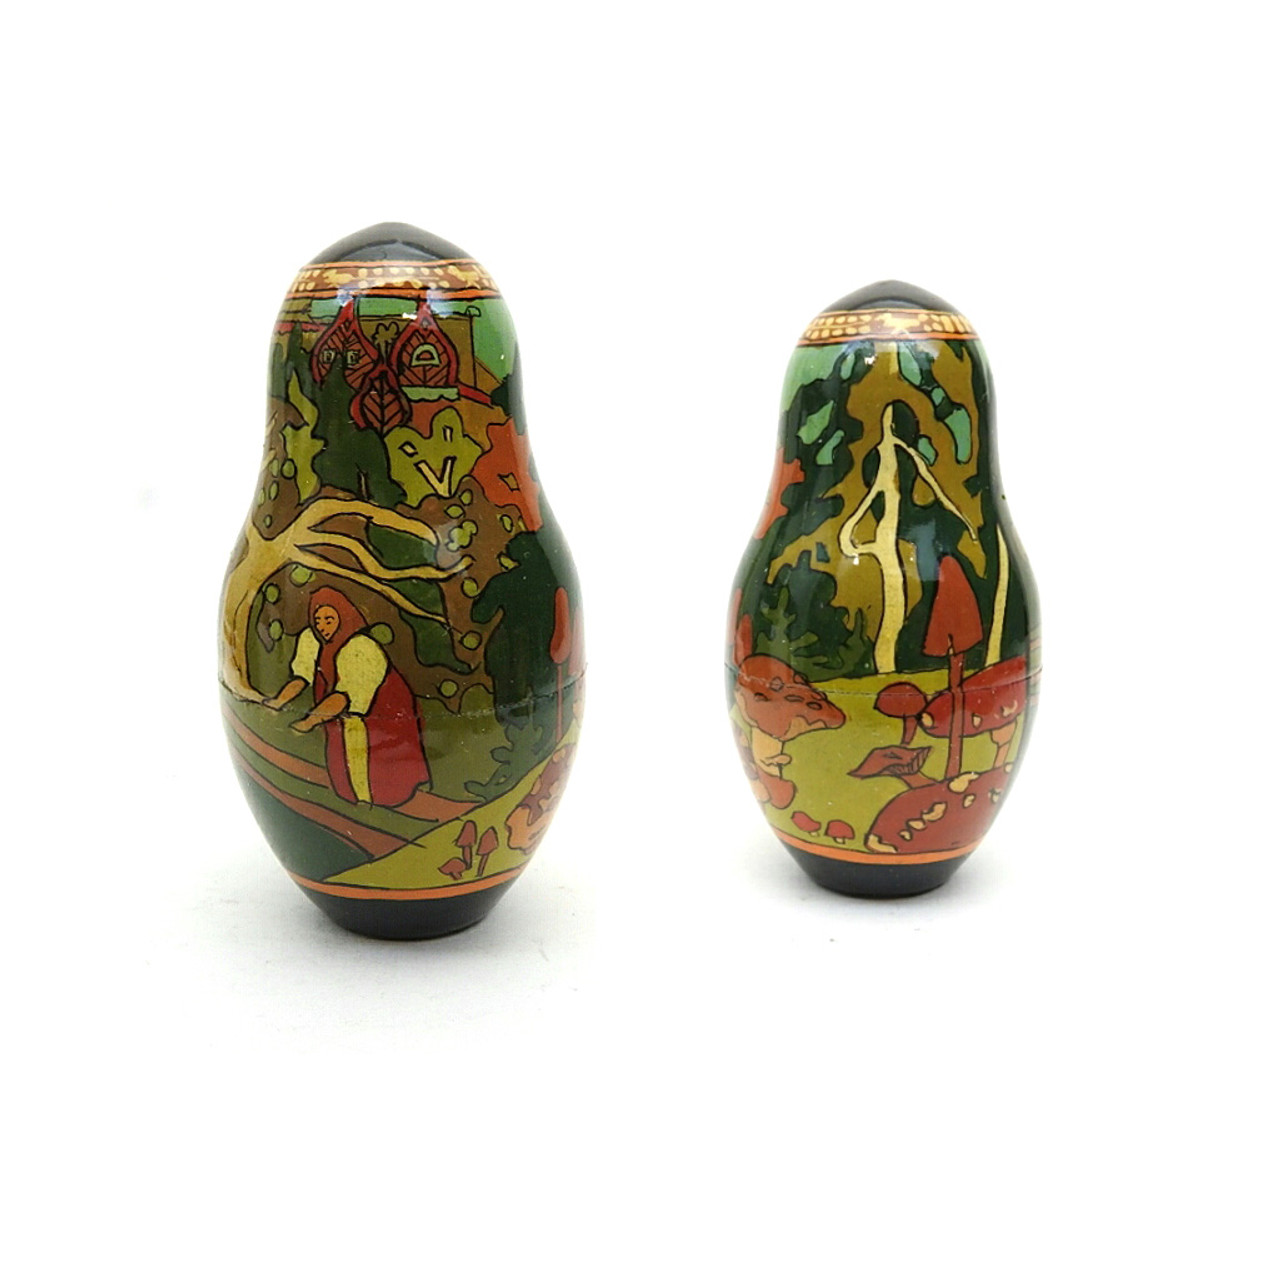 Tsar Saltan Bilibin Artistic Matryoshka  7th Doll Front and Back